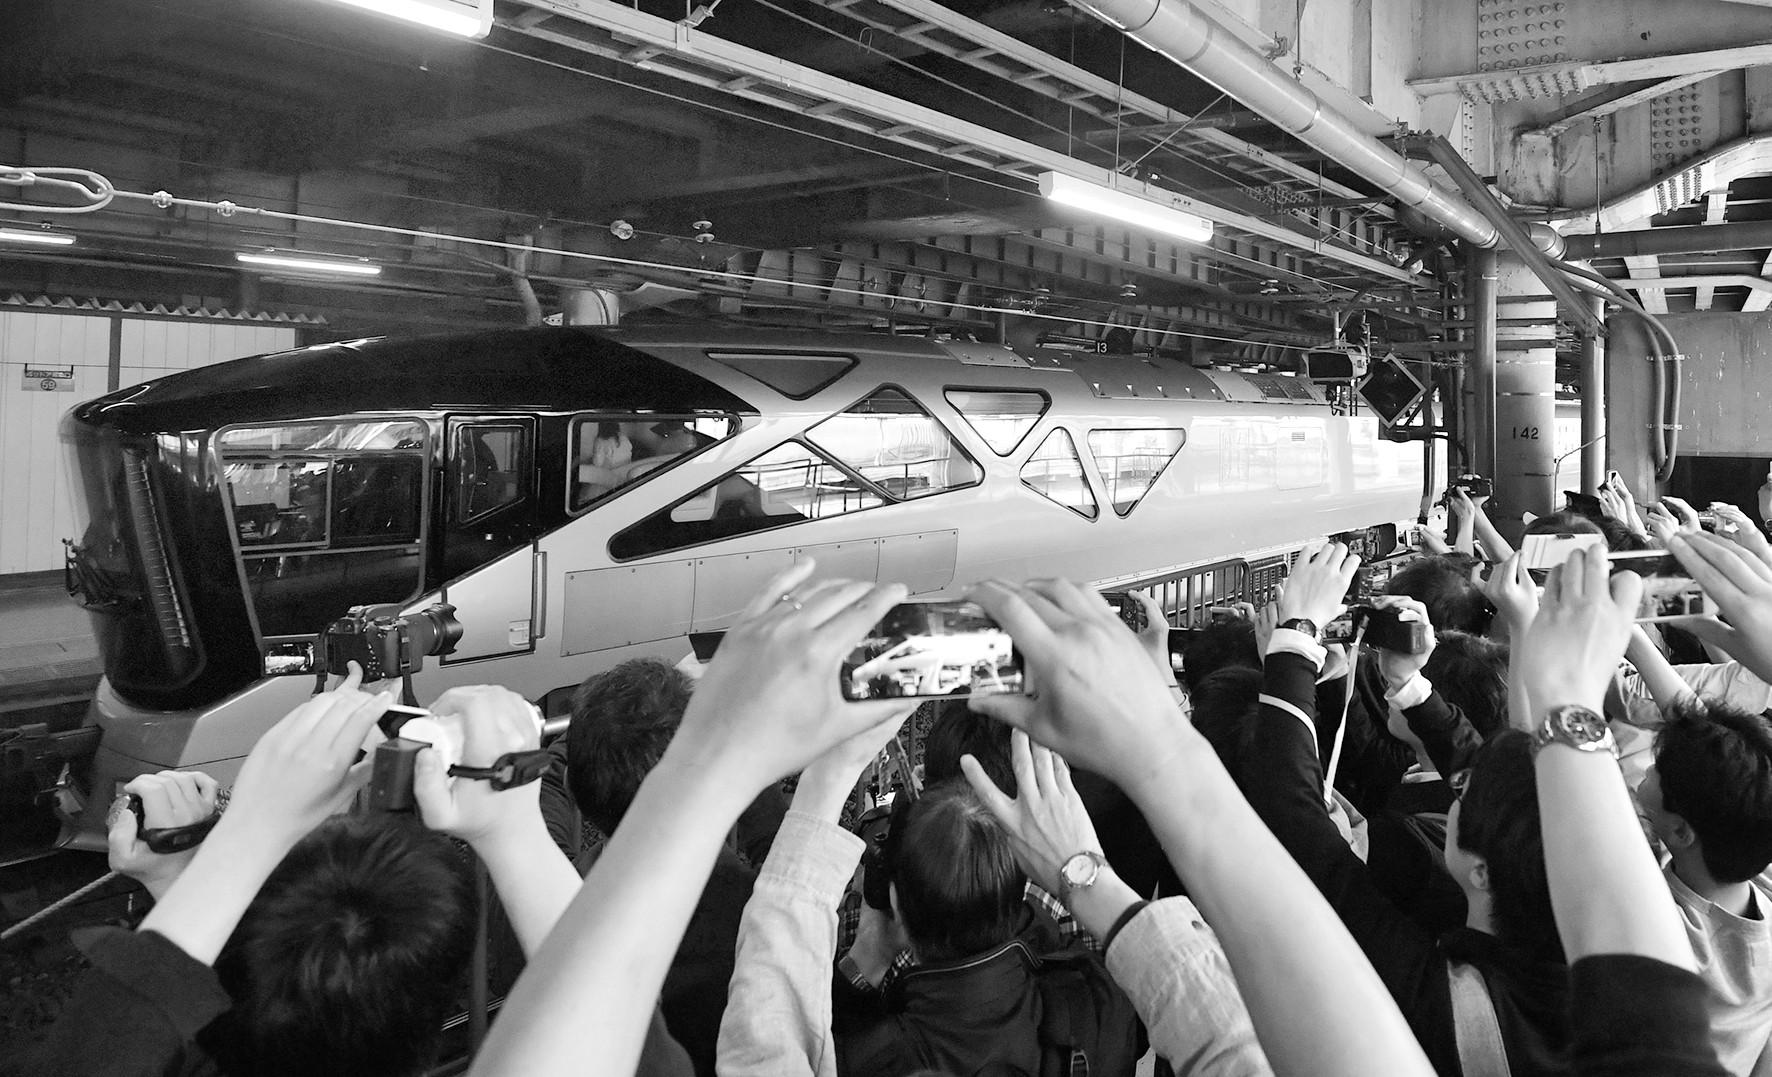 日本JR东日本公司豪华卧铺 最多搭载34人